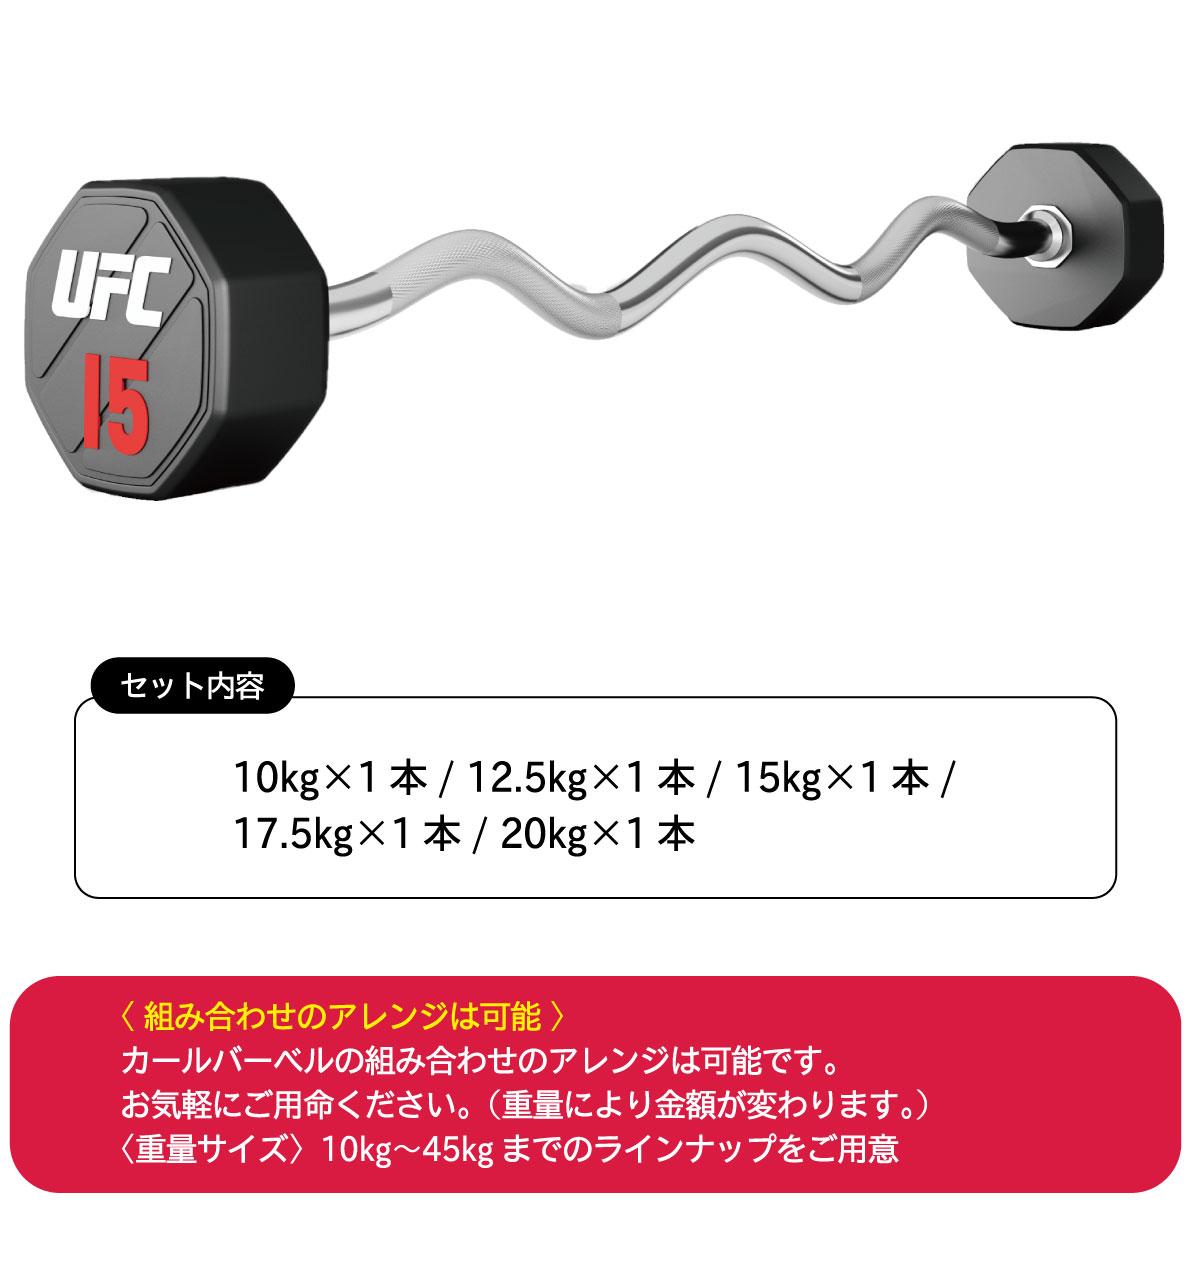 ウレタンEZカールバーベルの5本セット(10kg-20kg)〈業務用〉《総合格闘技UFCオフィシャル》